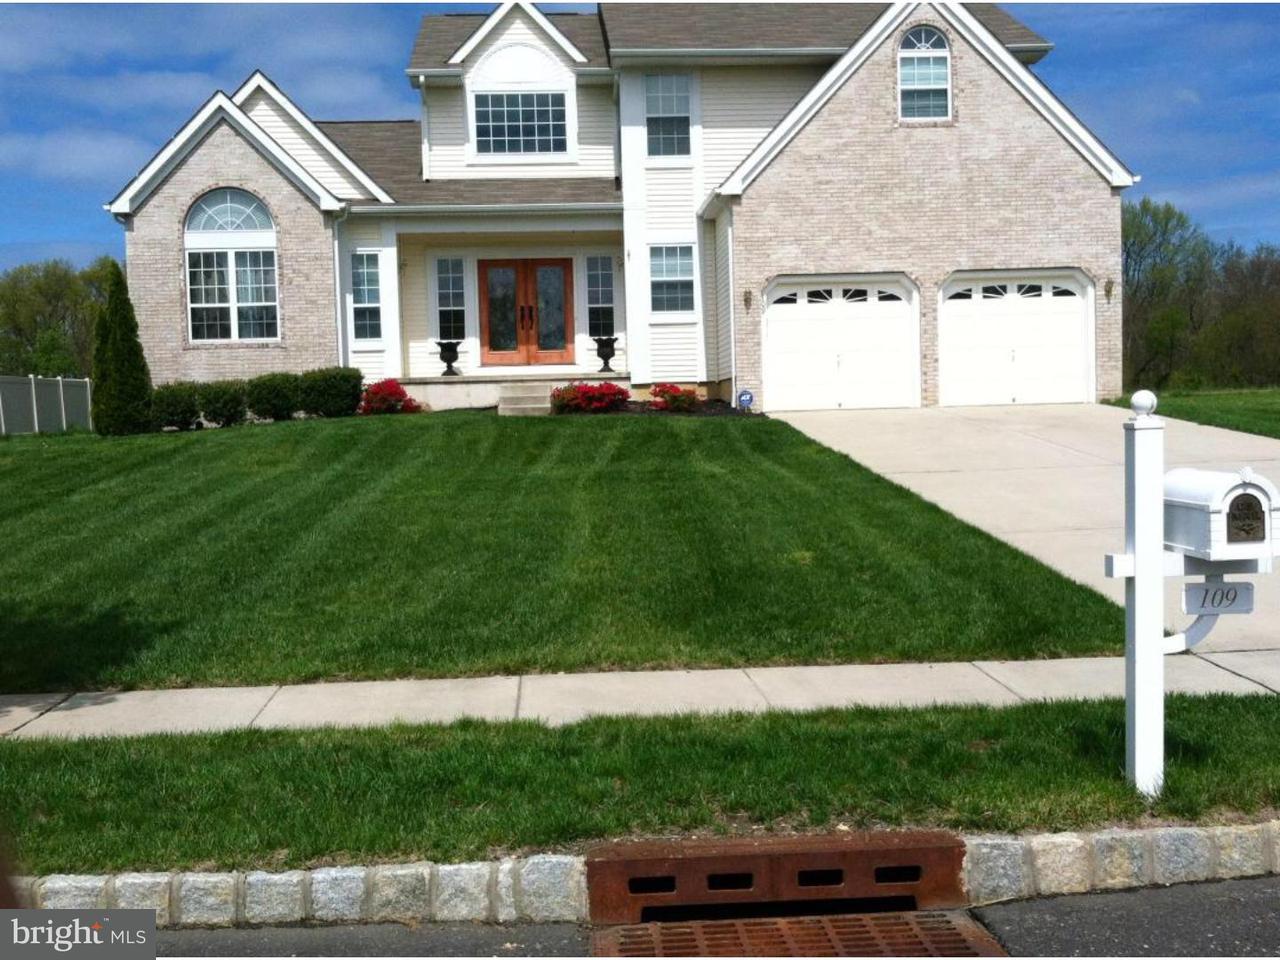 独户住宅 为 出租 在 109 ROSE Court Winslow, 新泽西州 08081 美国